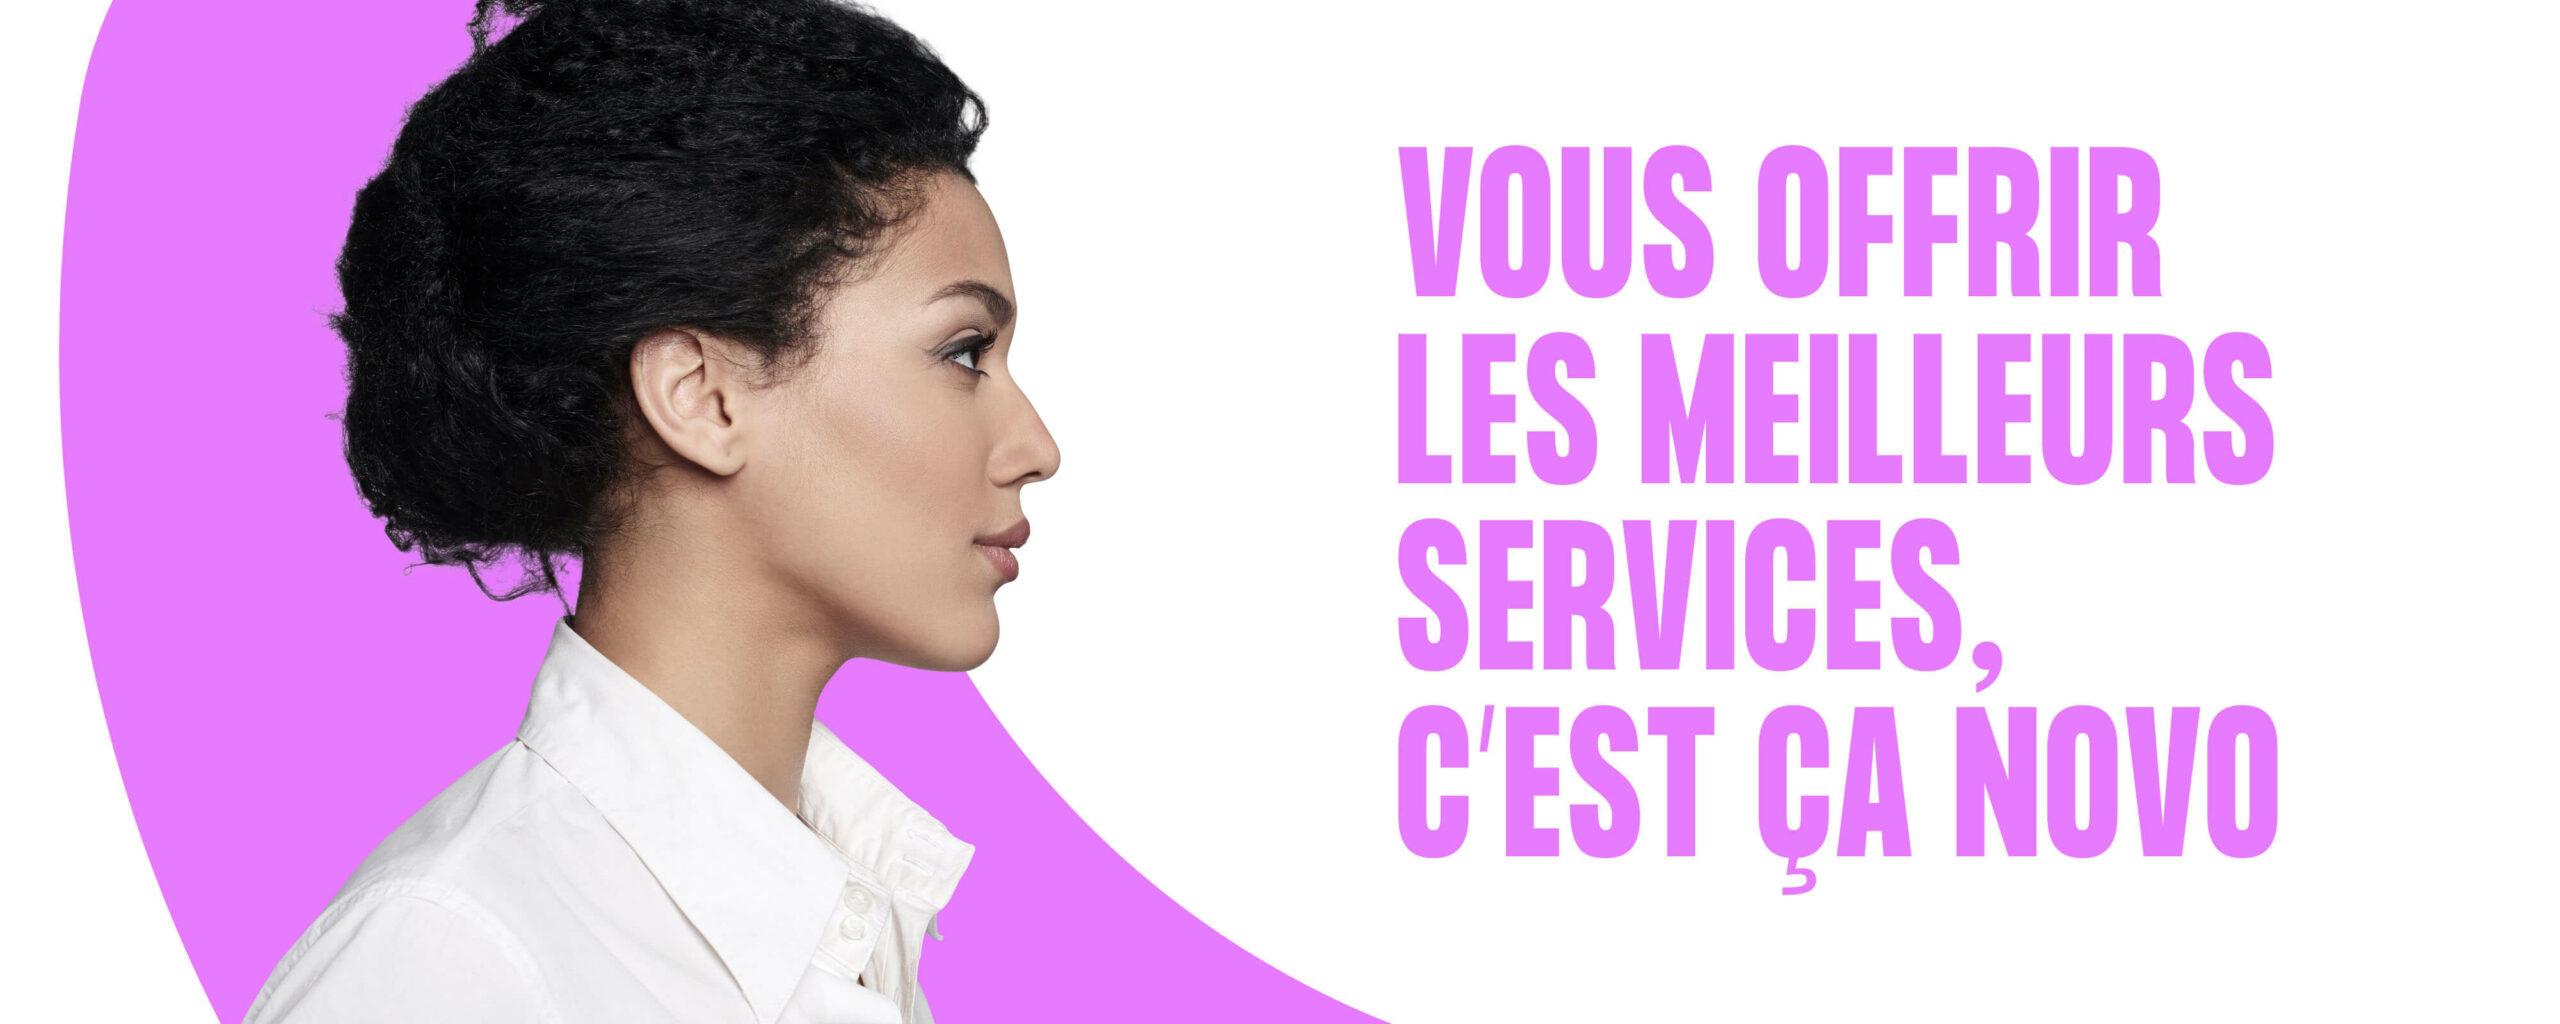 Offrir-les-meilleurs-services-Novo-slogan-Desktop